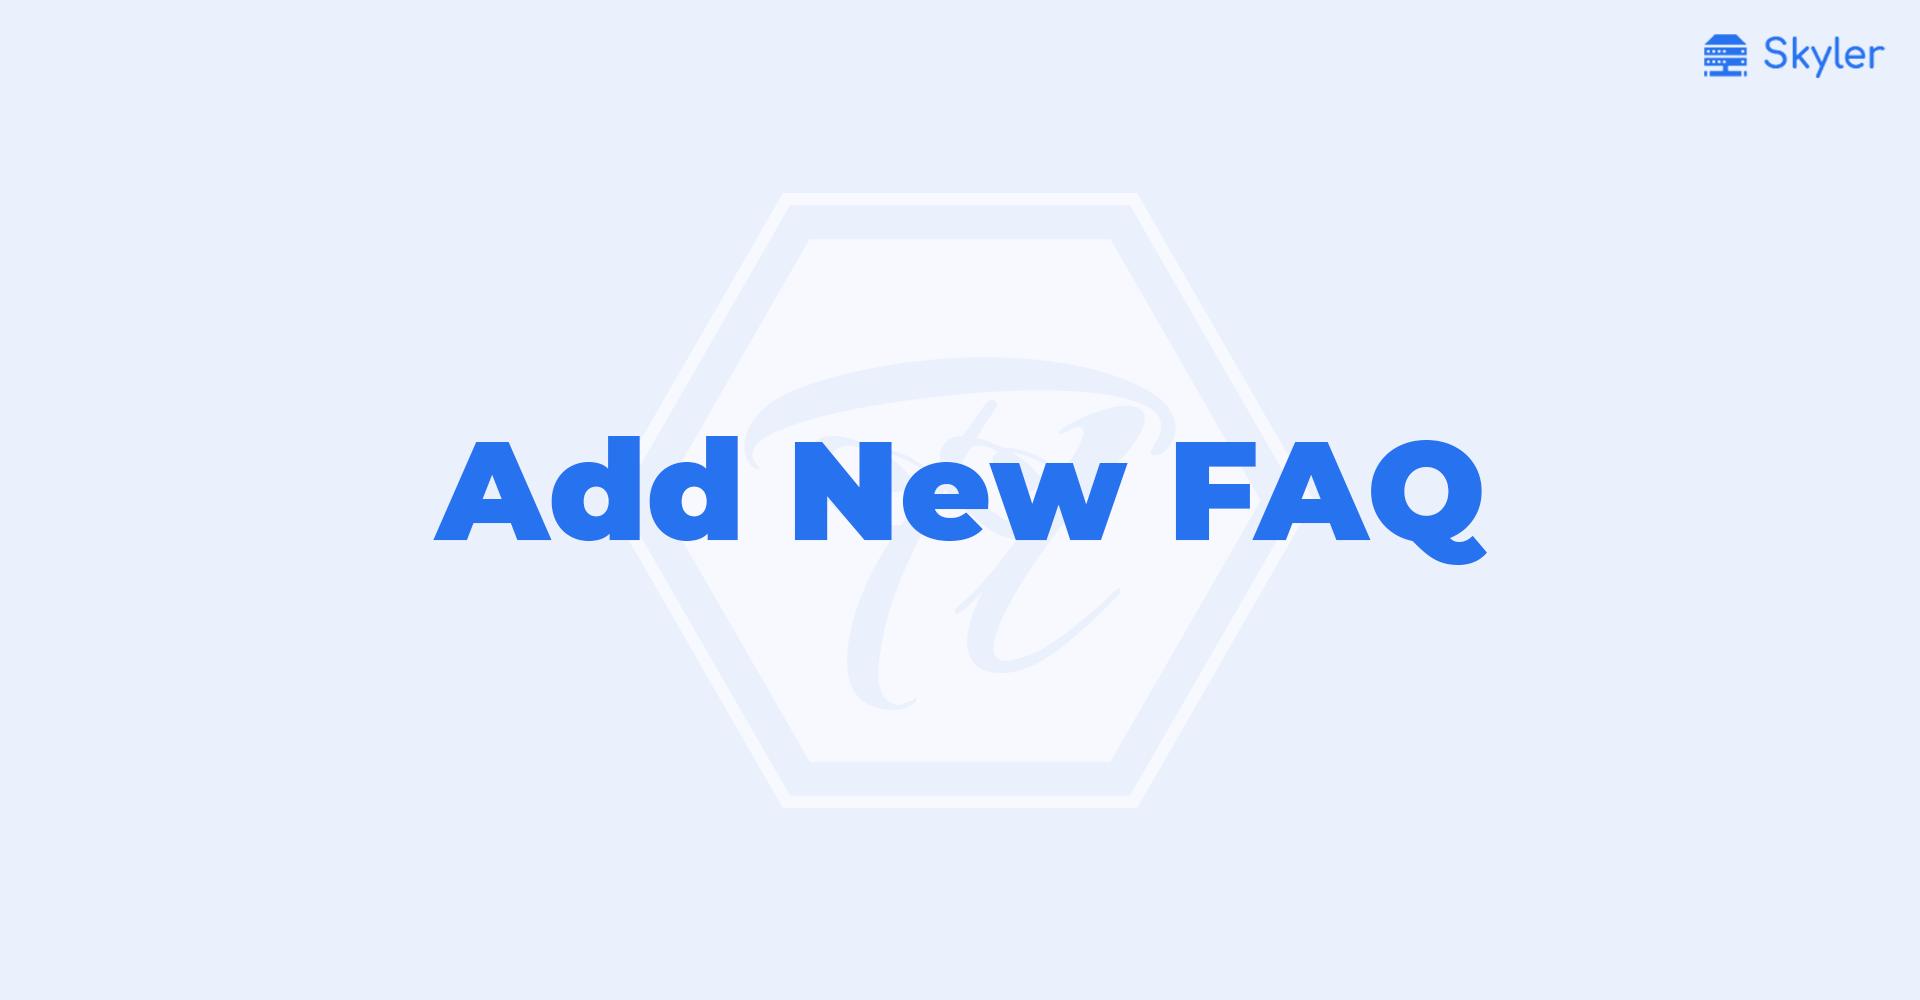 Add_New_FAQ